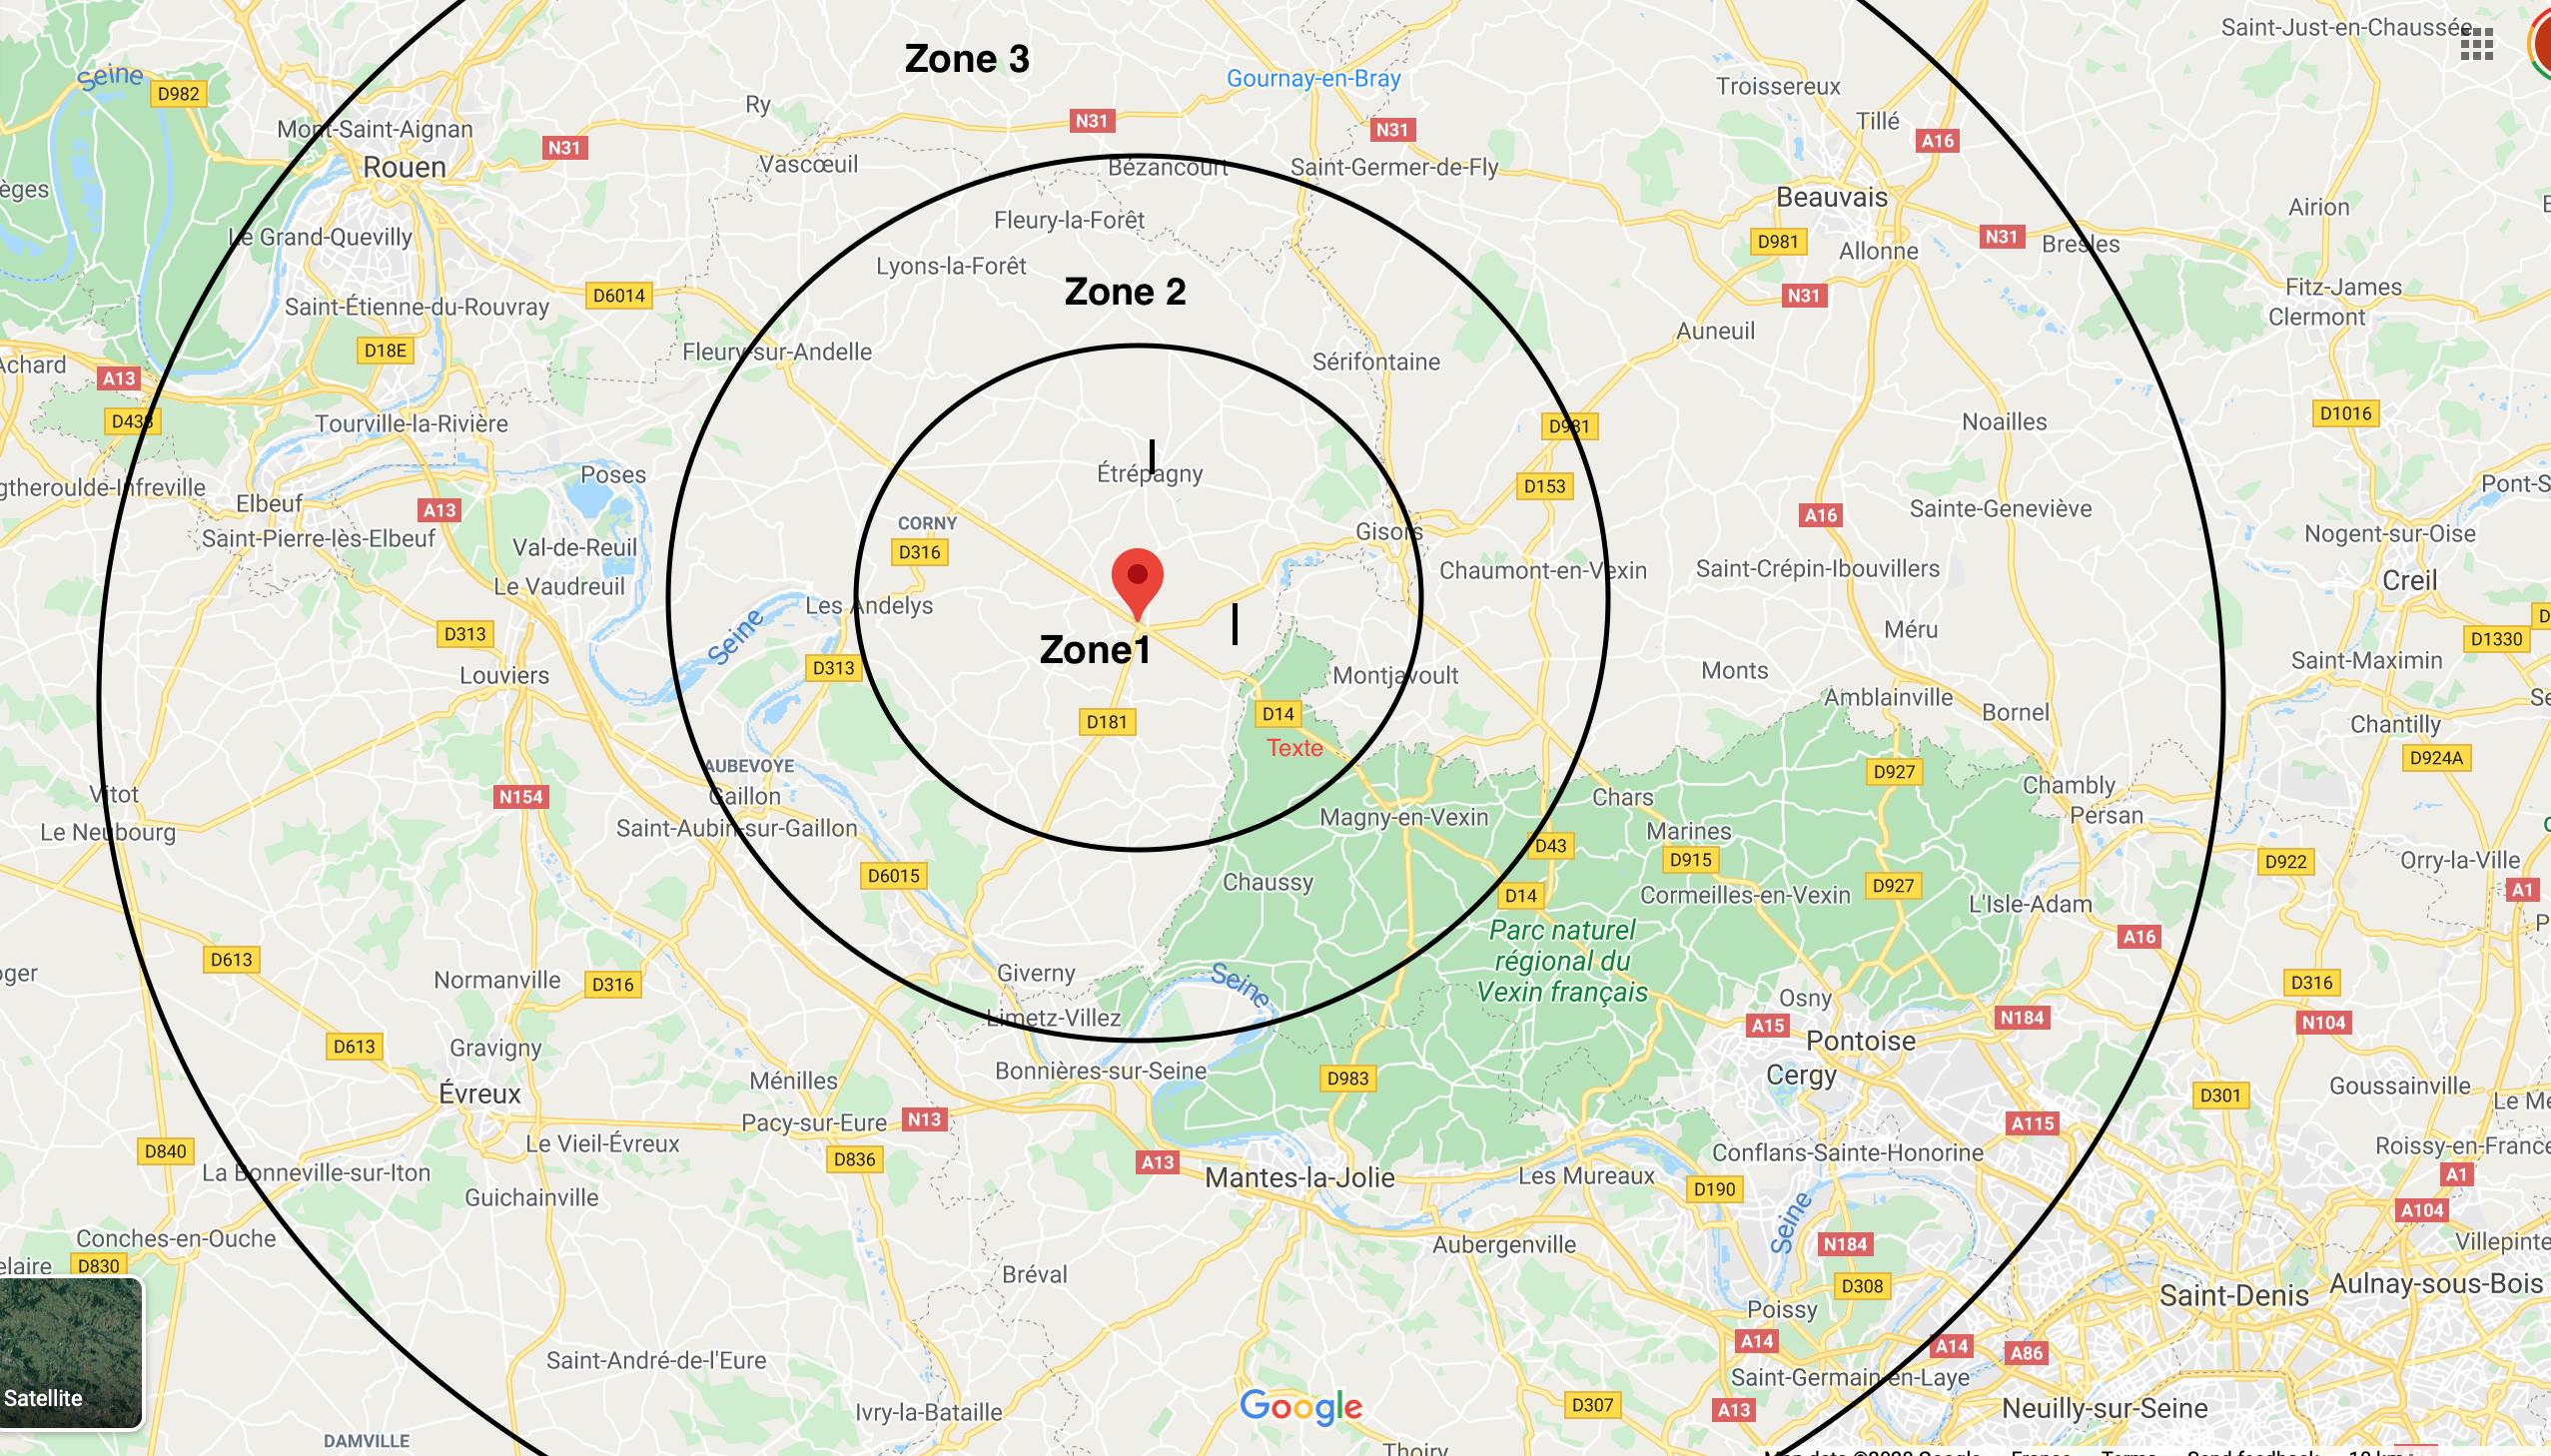 Carte des zones de livraison